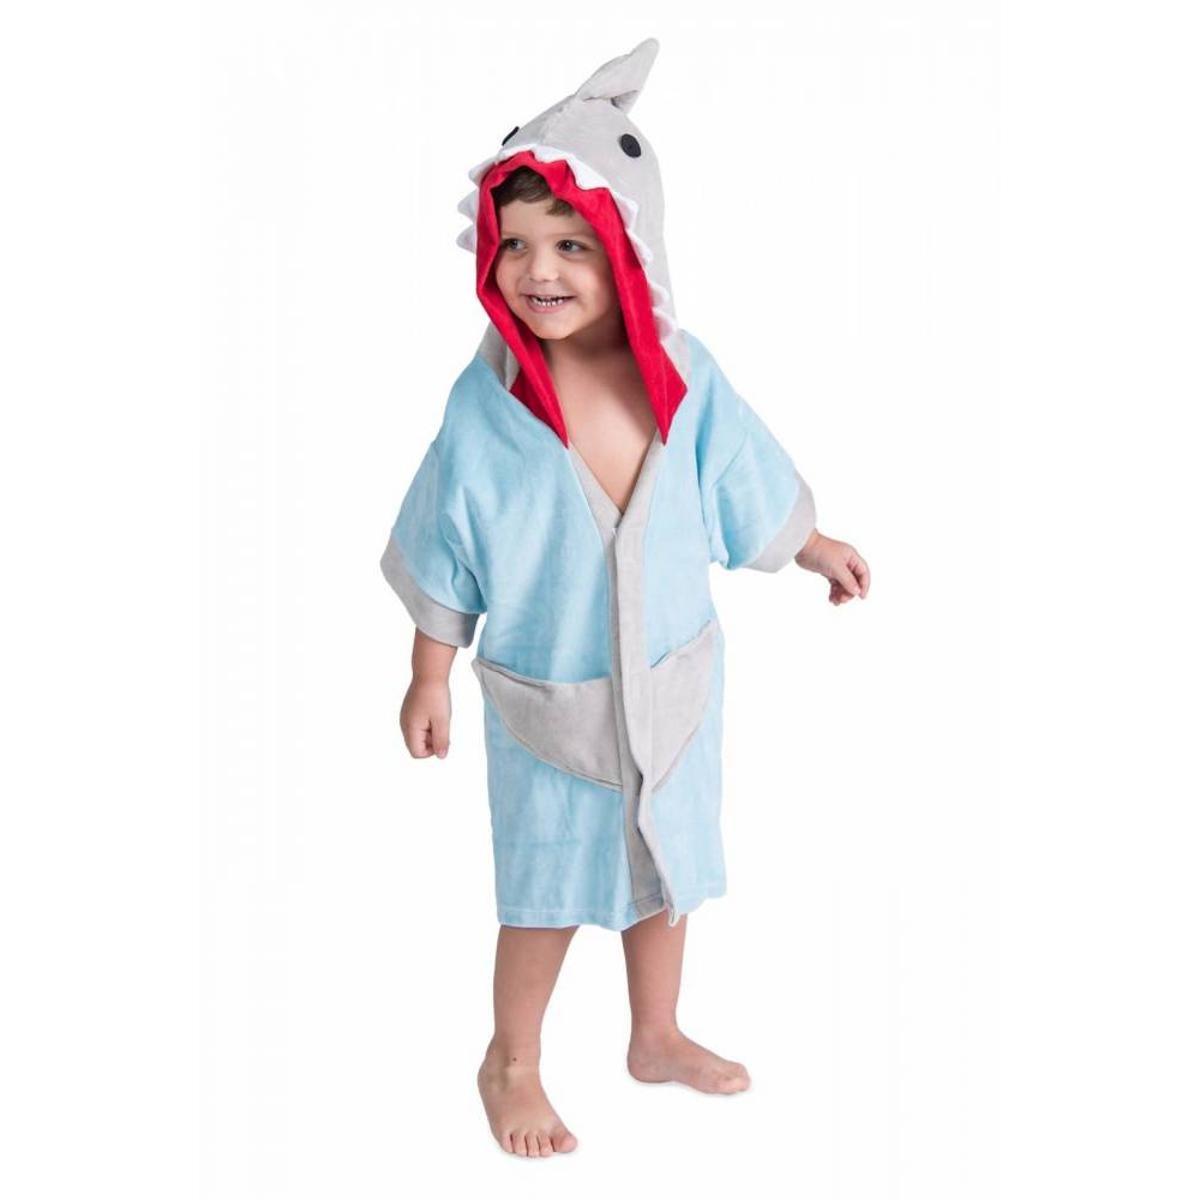 e438a00cbadb0d Roupão Infantil Tubarão Lé com Cré Masculino - Azul Claro